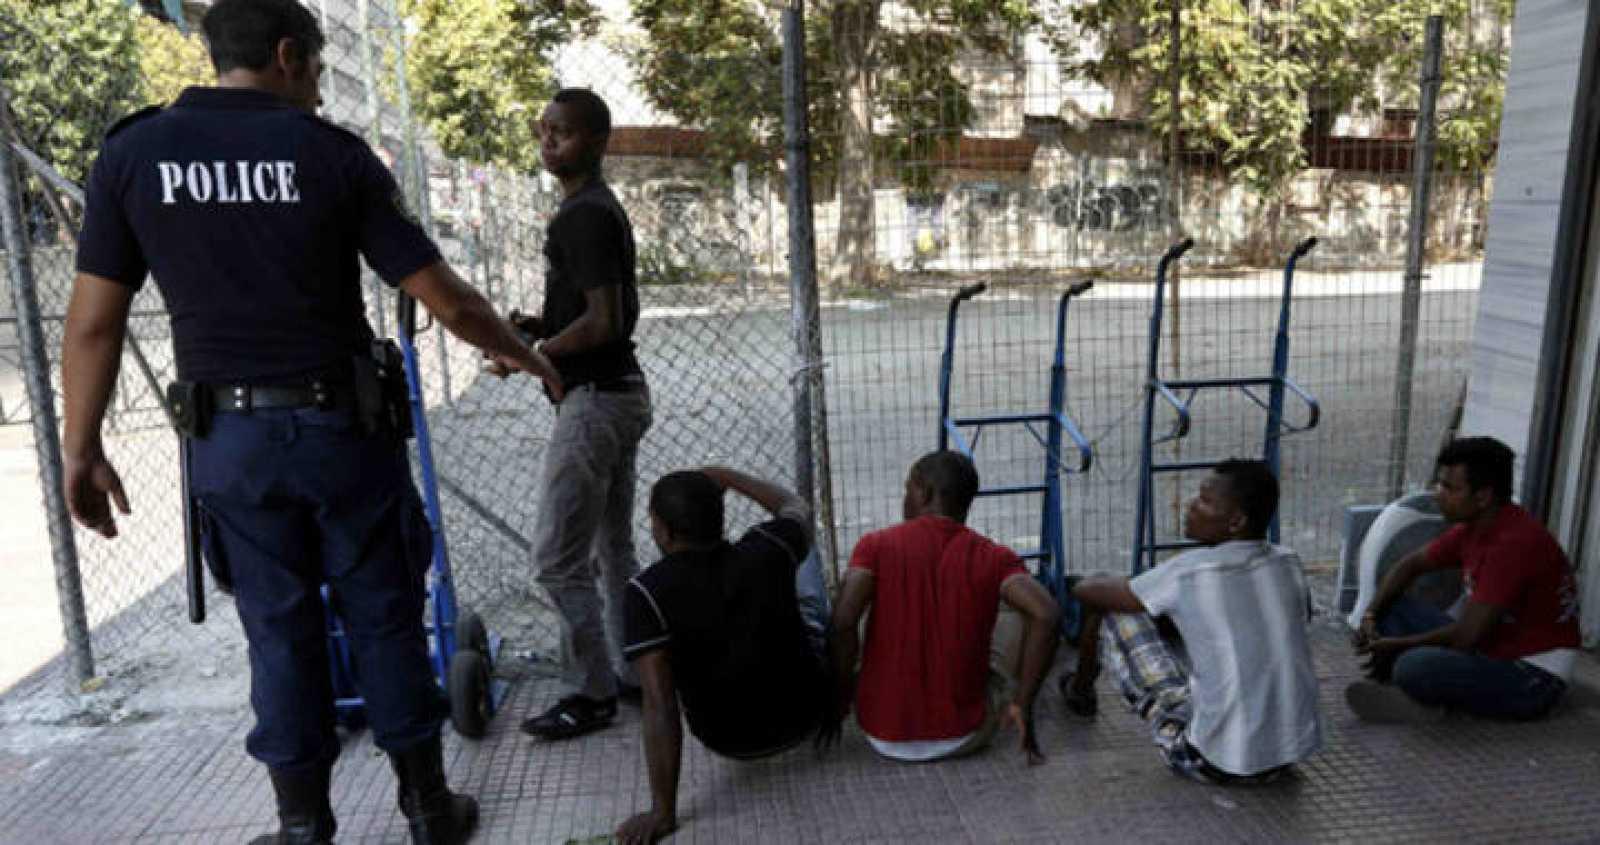 Un policía con un grupo de inmigrantes para comprobar sus documentos de identificación en una de las redadas policiales contra la inmigración ilegal en Atenas el 14 de agosto.